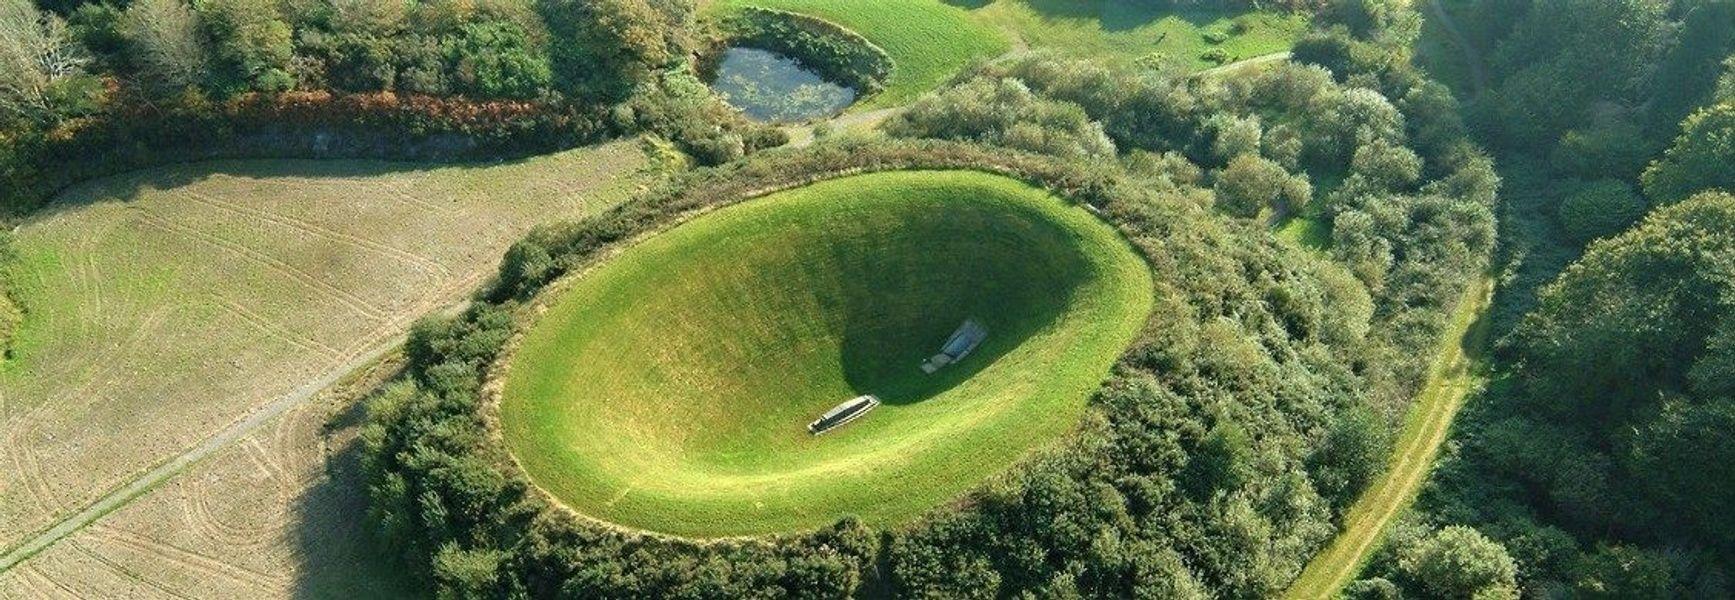 The Irish Sky Garden is off the beaten path in Ireland